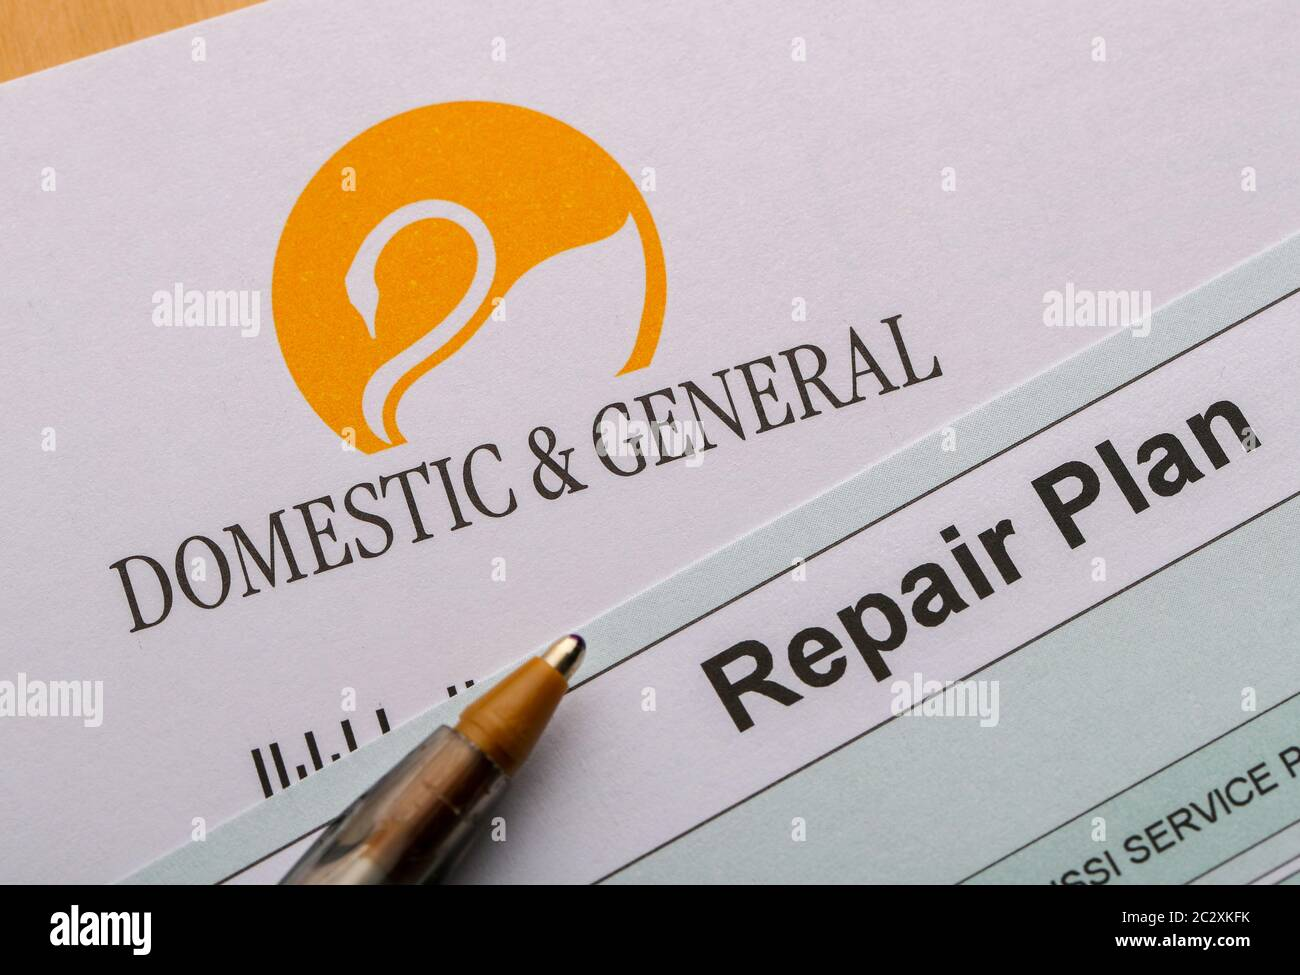 Plan de réparation d'assurance de protection des appareils domestiques et généraux, pour couvrir les articles de cuisine en cas de panne Banque D'Images